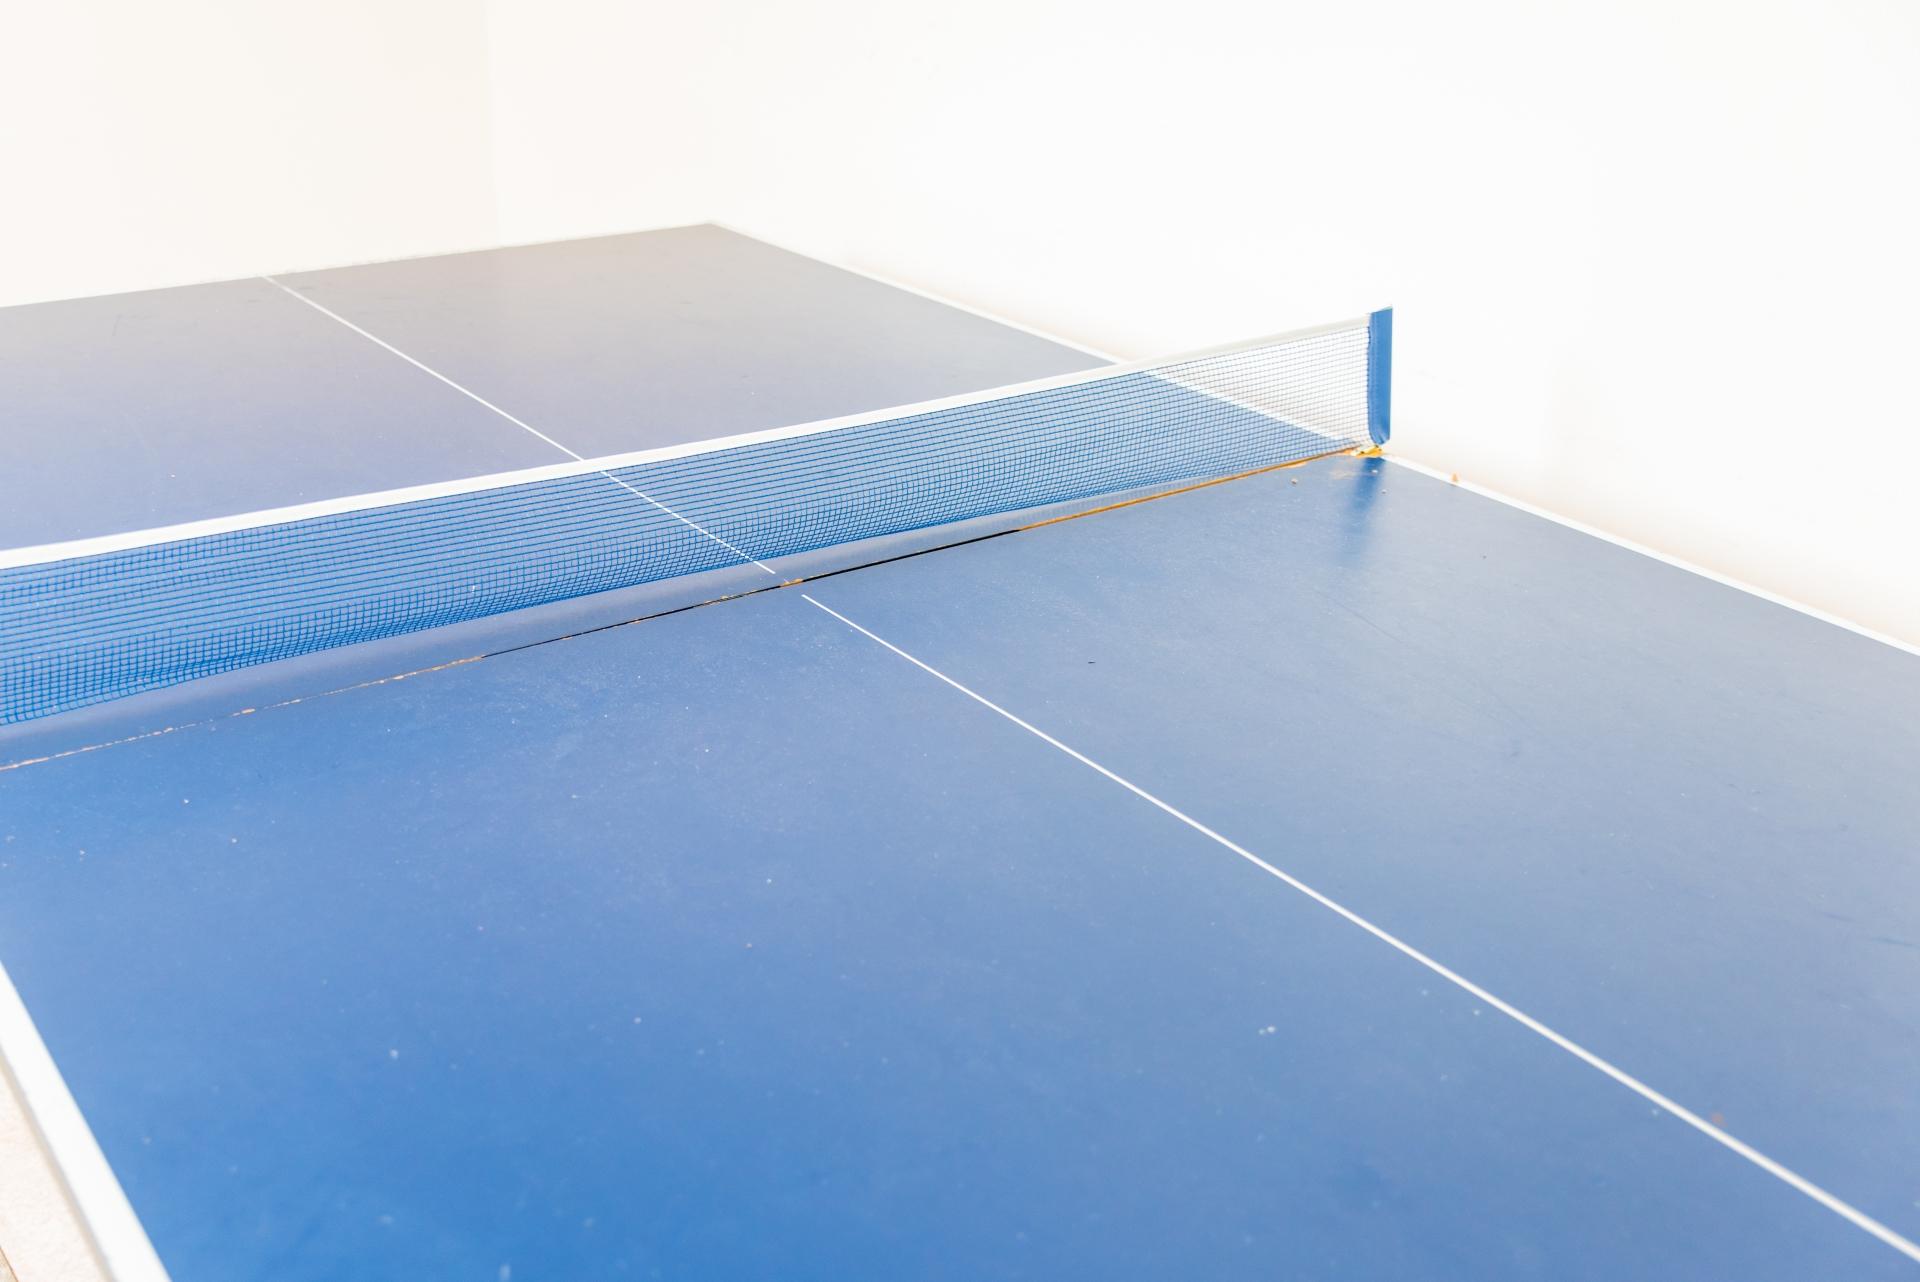 卓球台のおすすめ7選!折りたたみできる家庭用サイズも